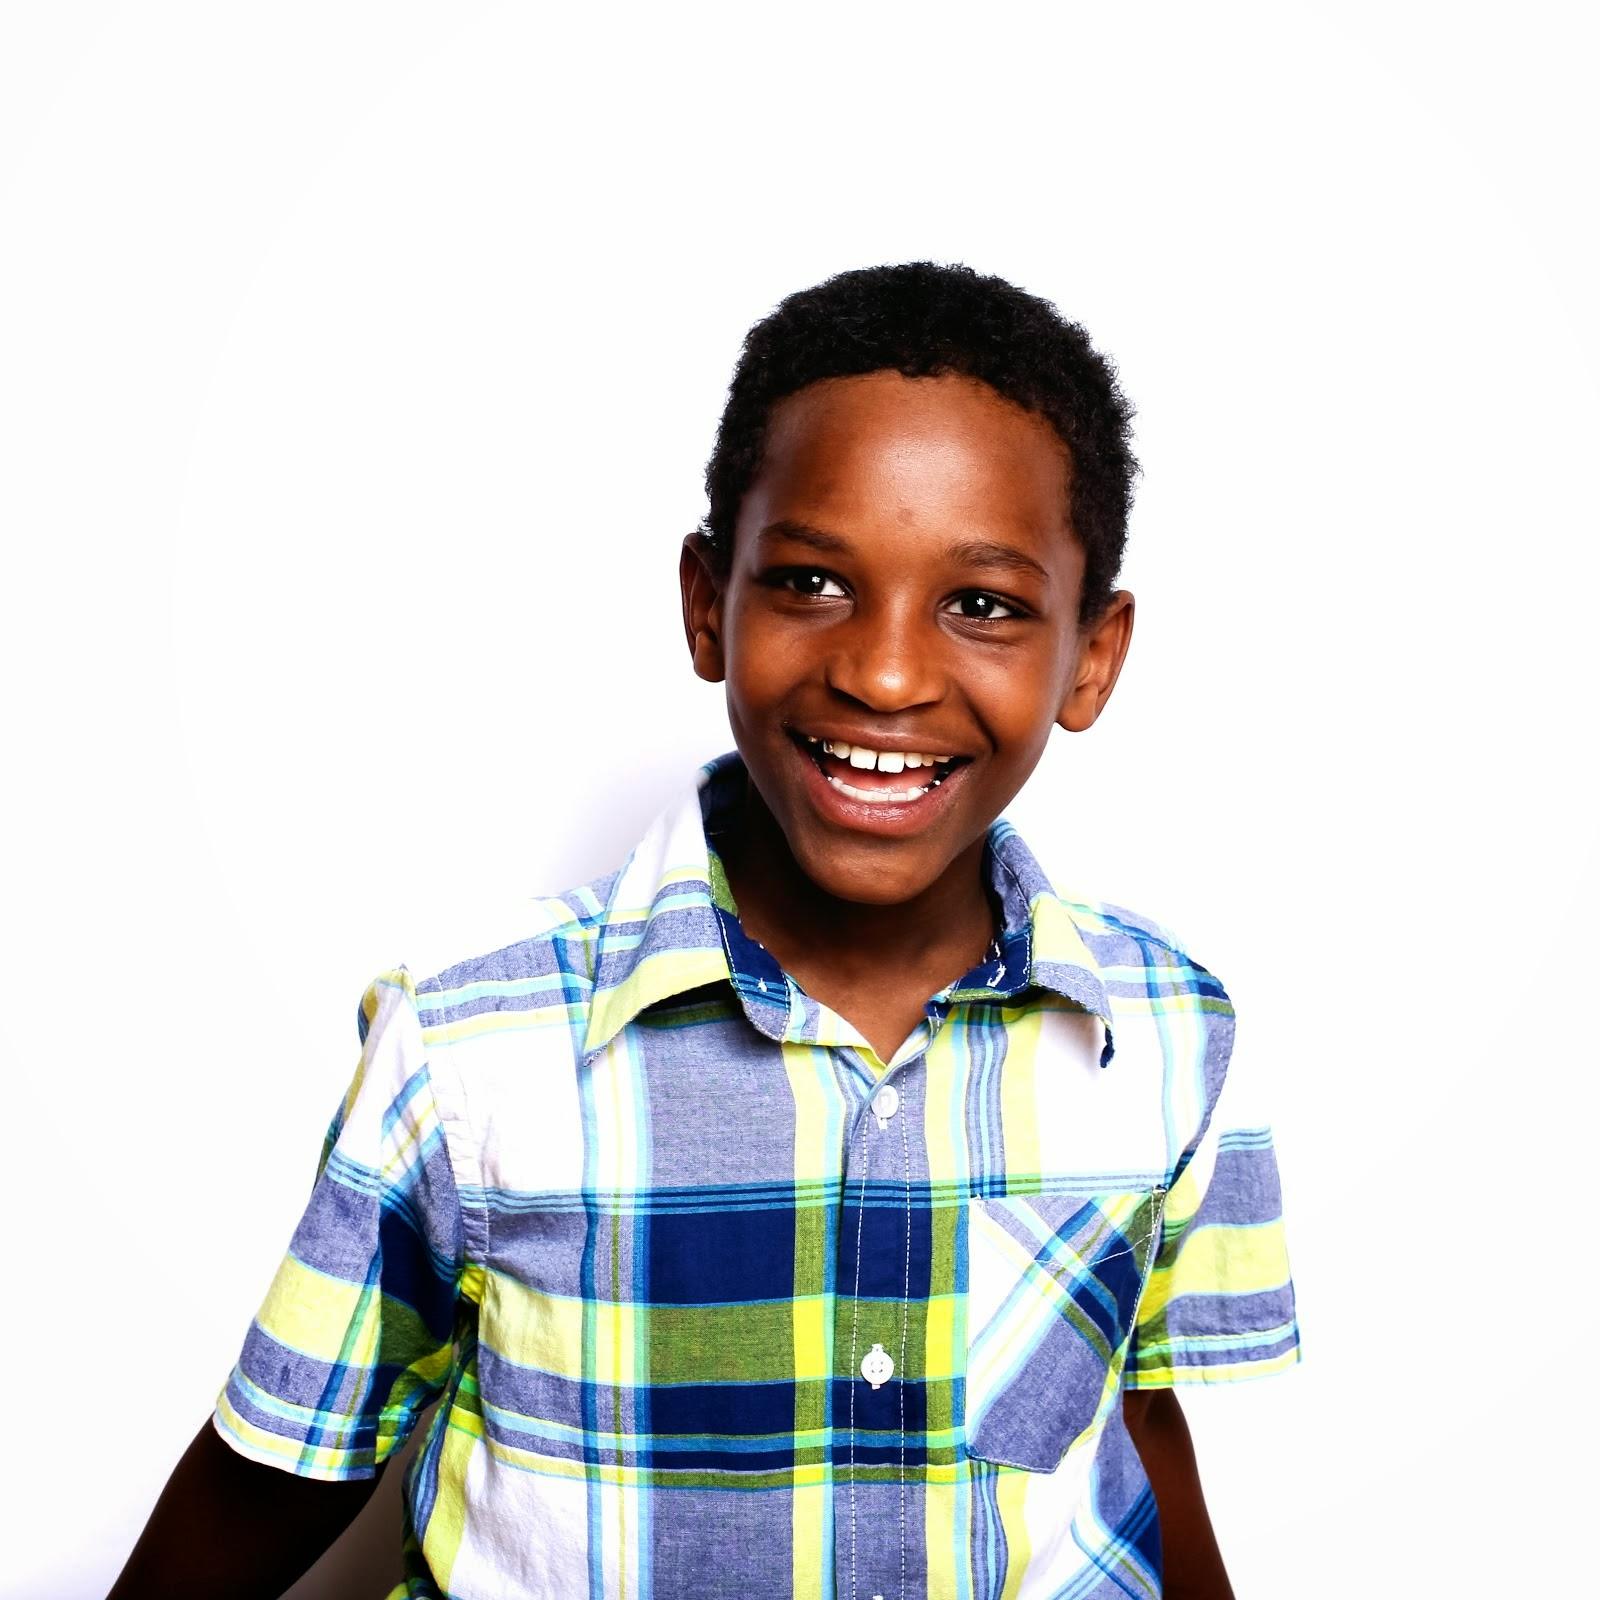 Seth - age 10